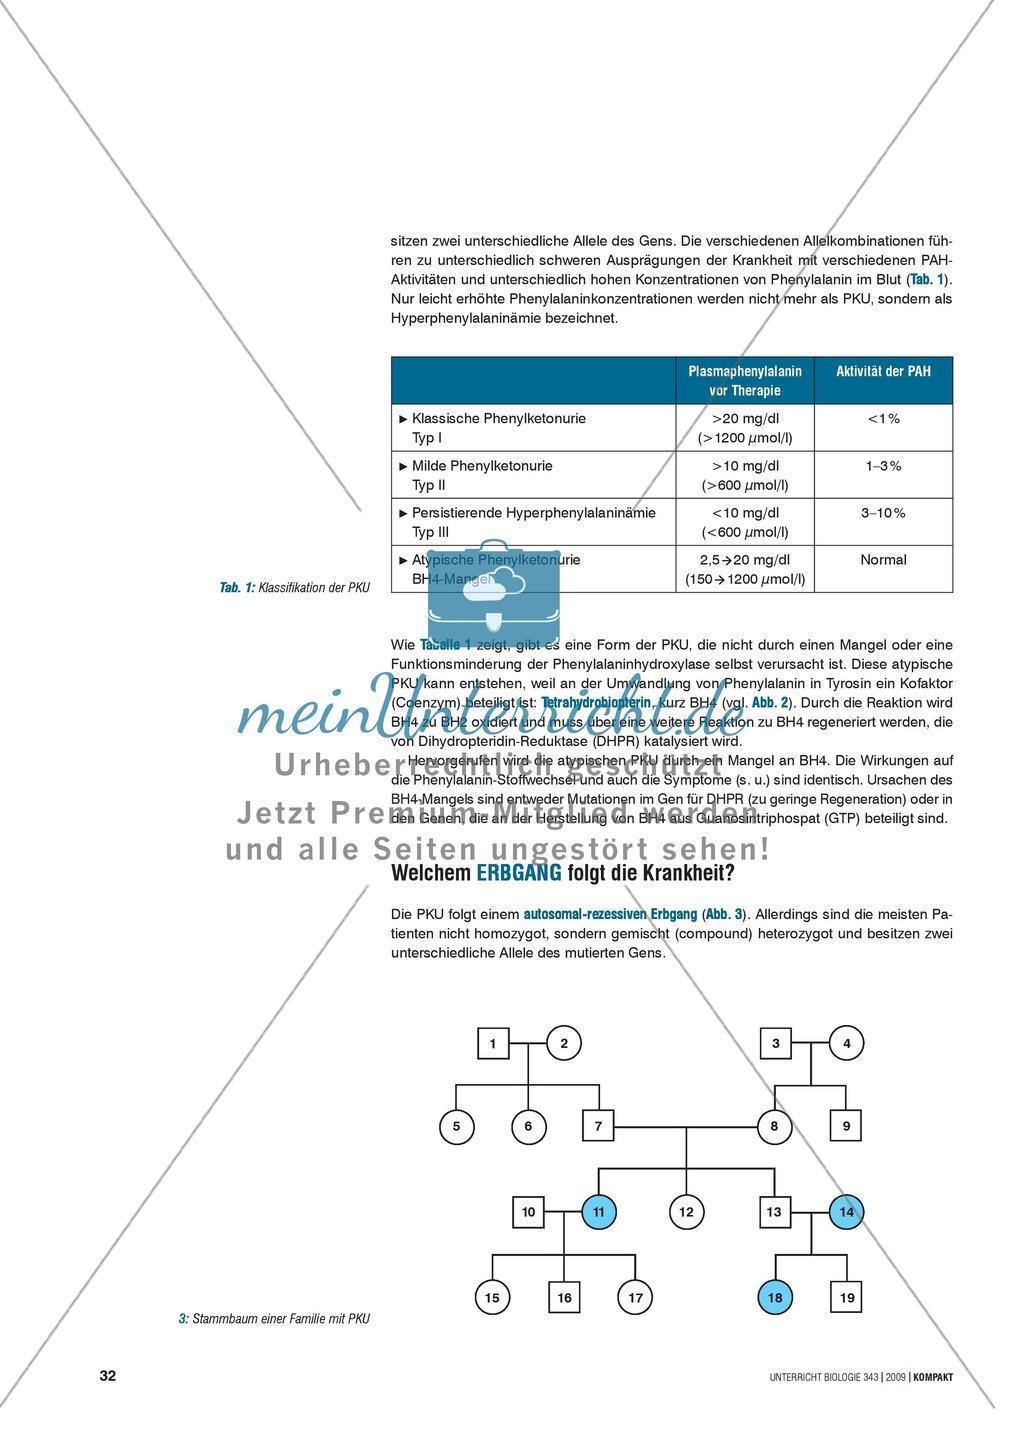 Genetik: Untersuchung erblich bedingter Erkrankungen der Leber am Beispiel der Phenylketonurie Preview 1